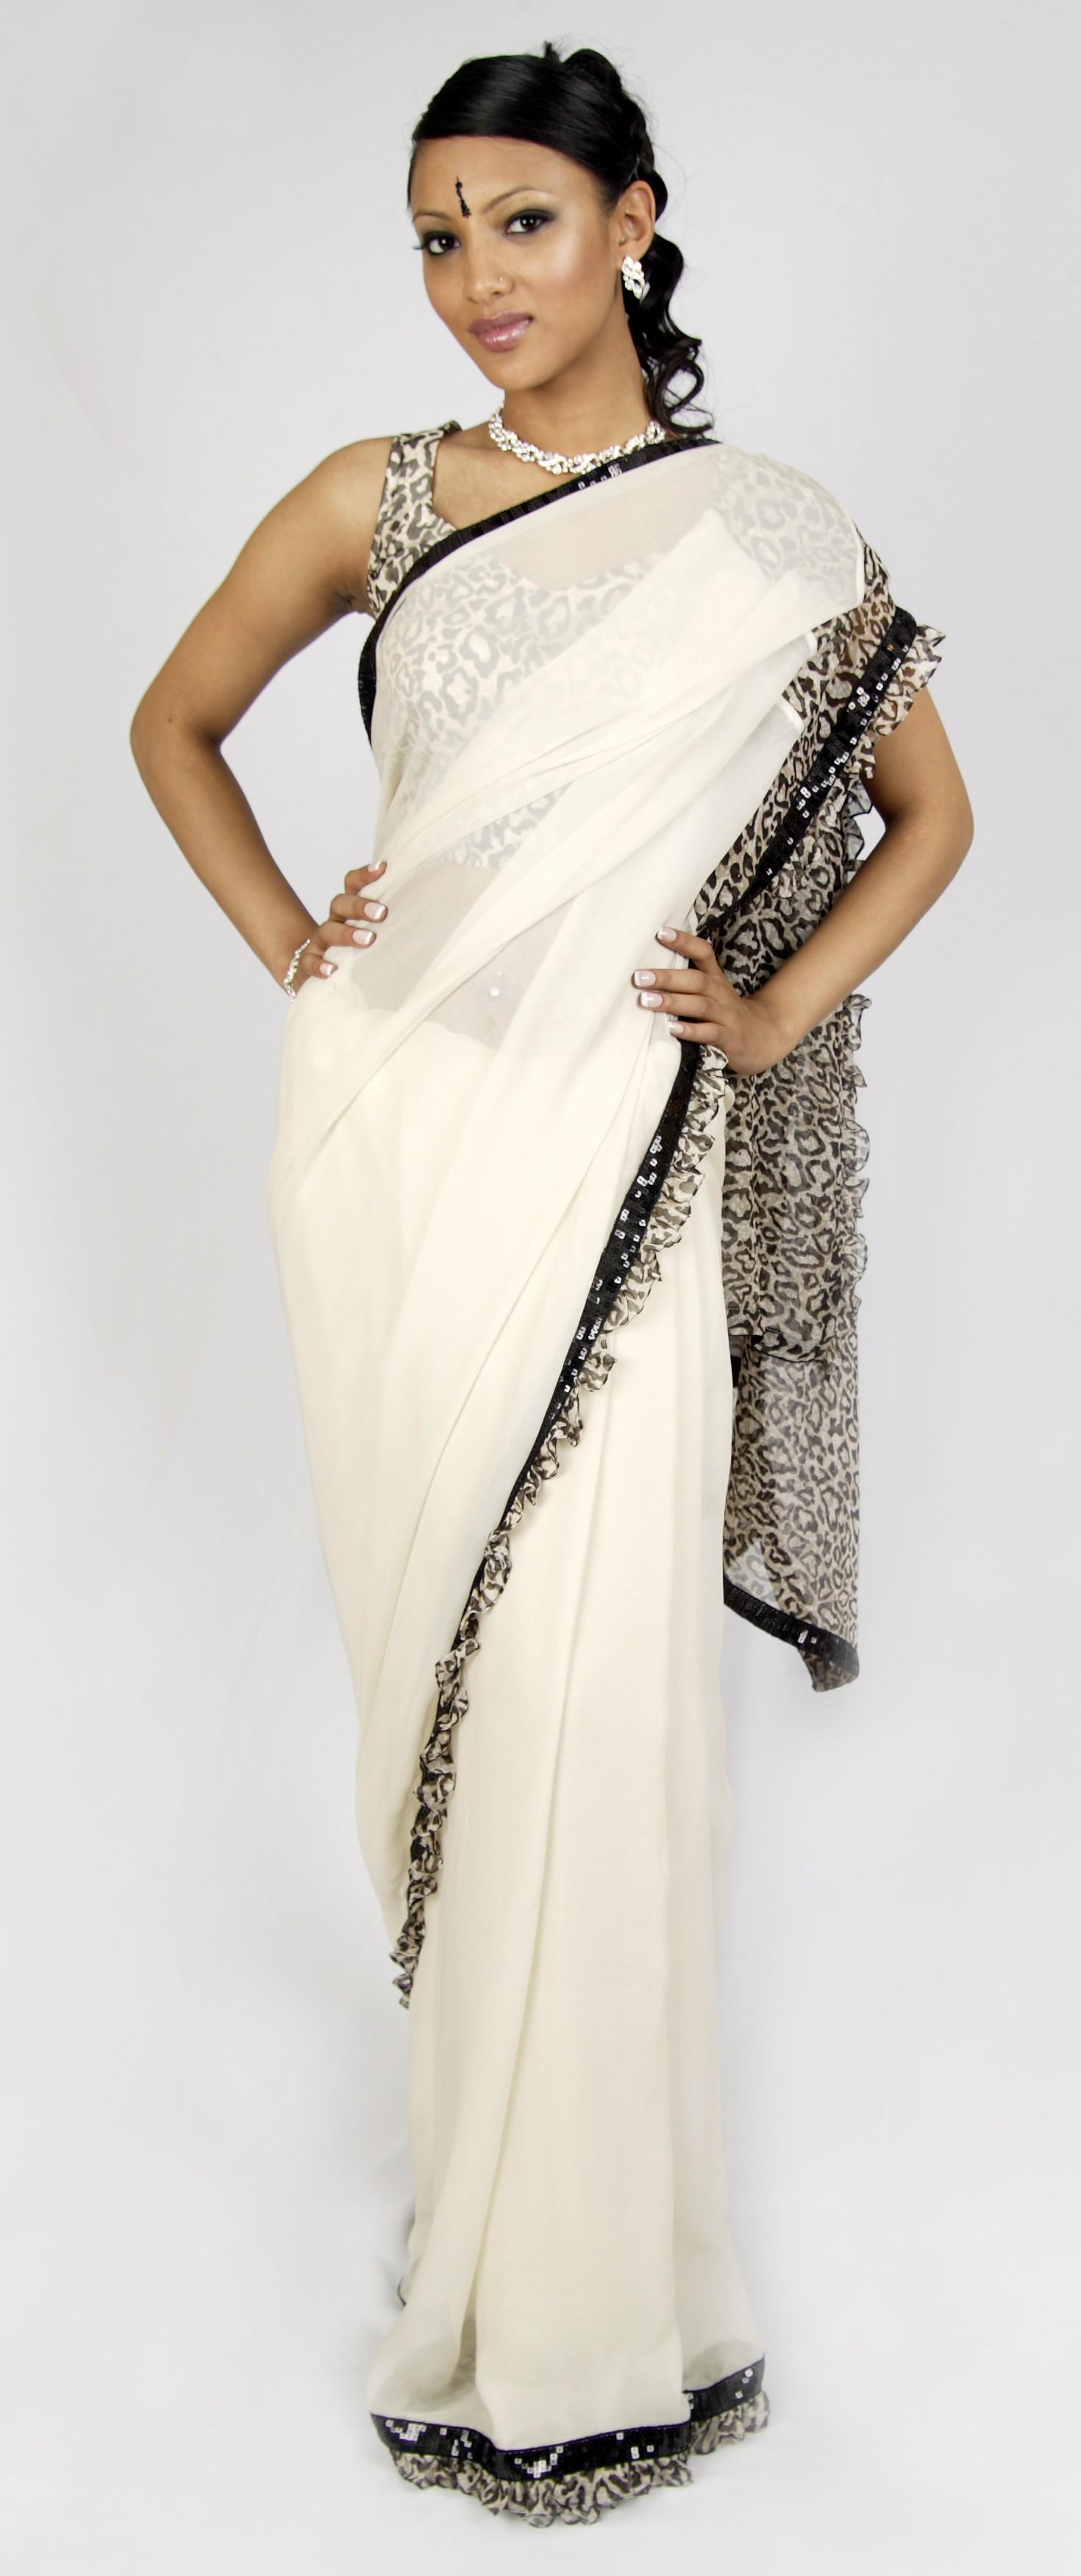 Dashing Animal Sari